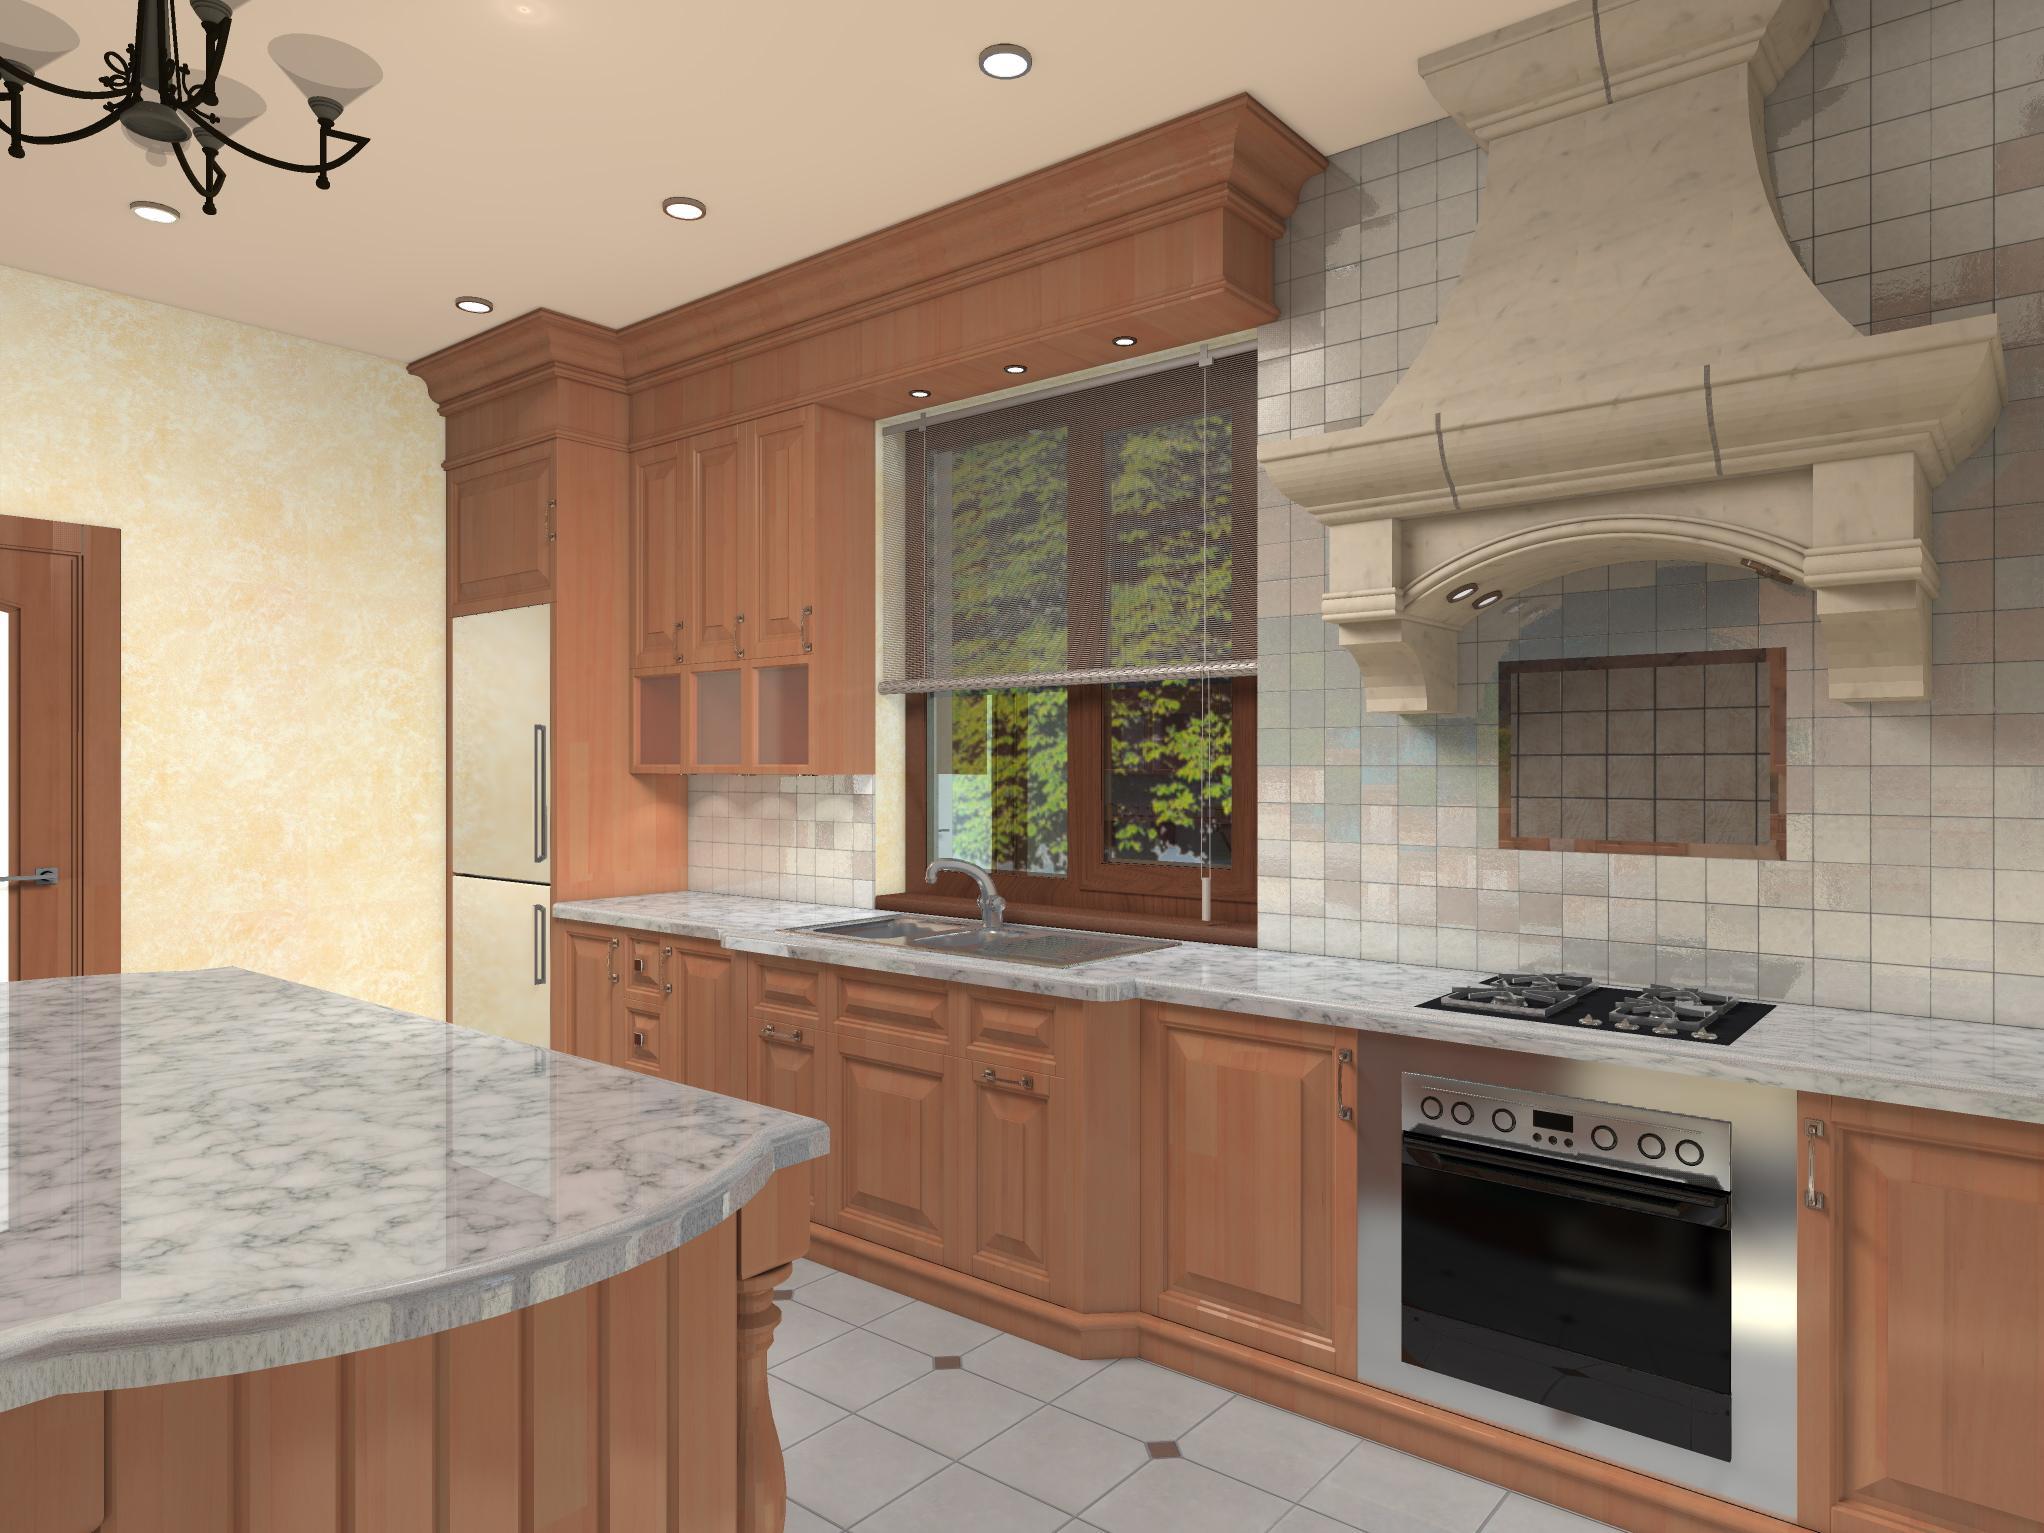 Кухня в частном доме, вариант 2-2